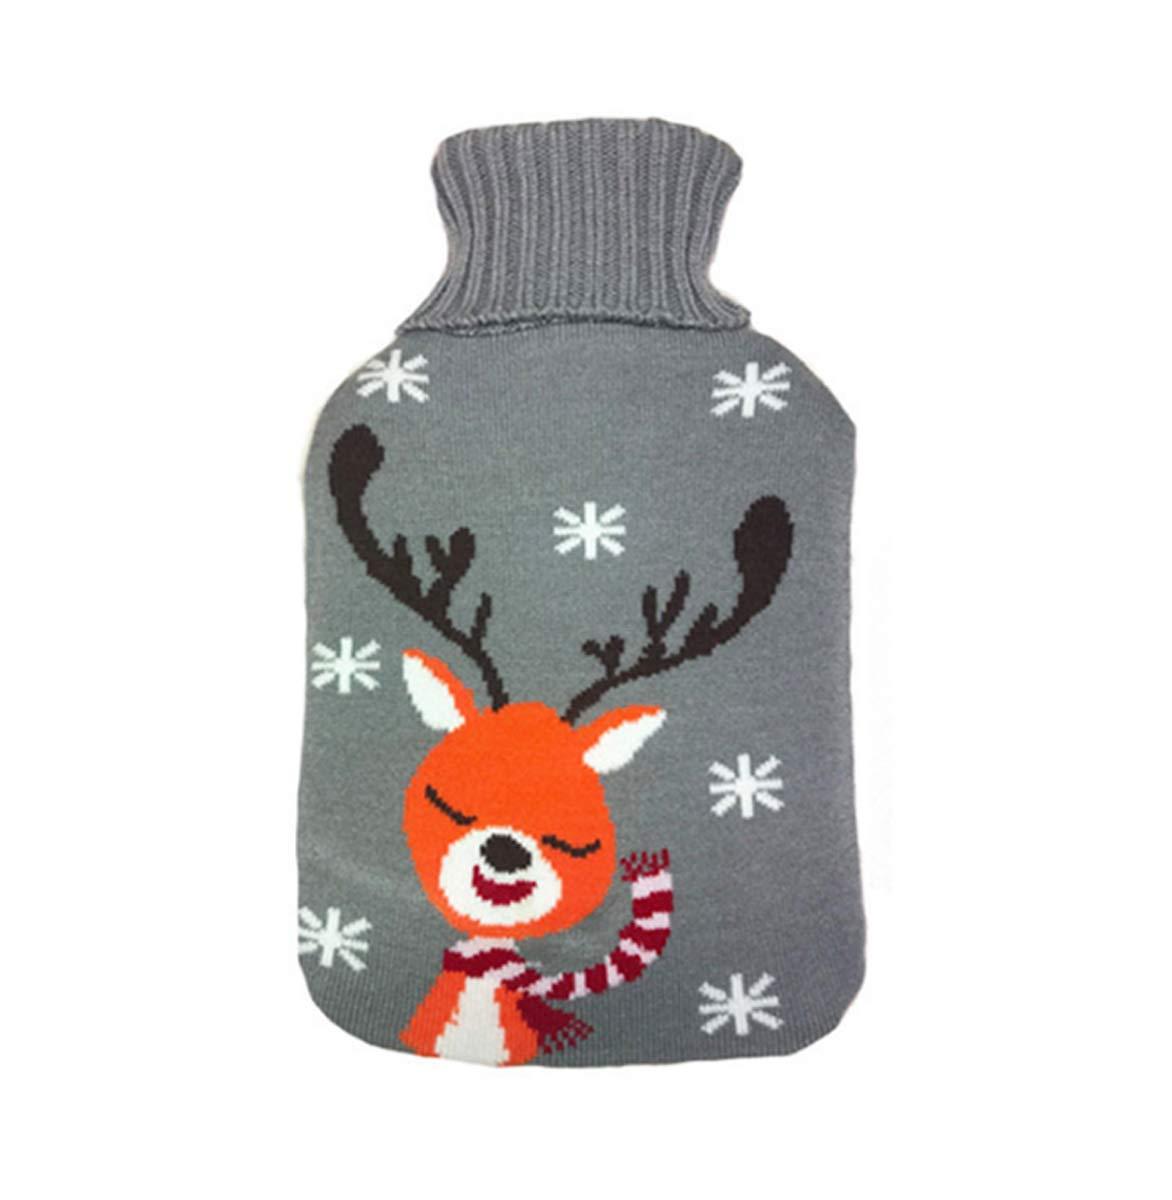 GJ Fashion Bouteille d'eau Chaude d'hiver de Noël d'hiver Santa Elk a tricoté la Bouteille d'eau Chaude de sécurité antidéflagrante